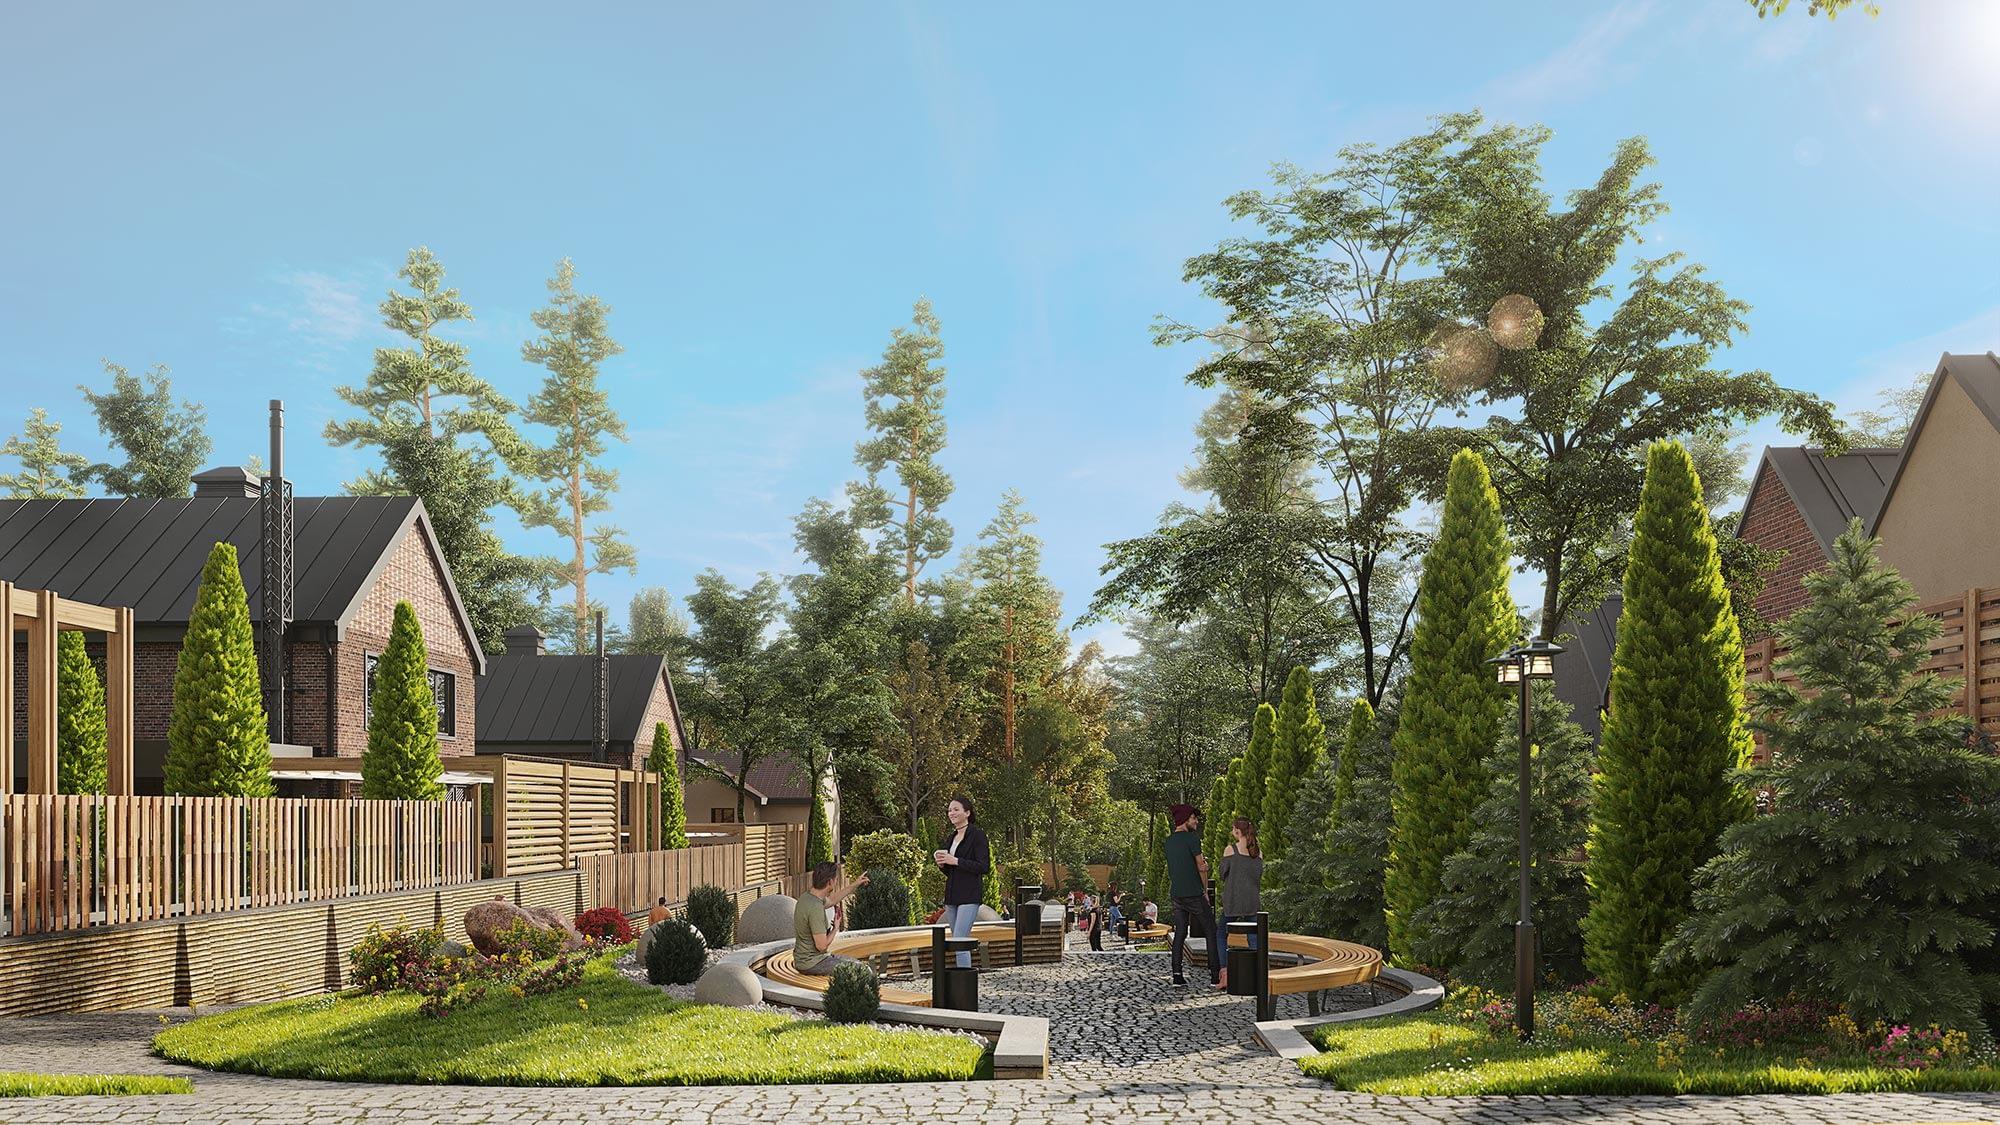 проект прилегающей территории в коттеджном городке OAK GROVE TOWN вид сверху